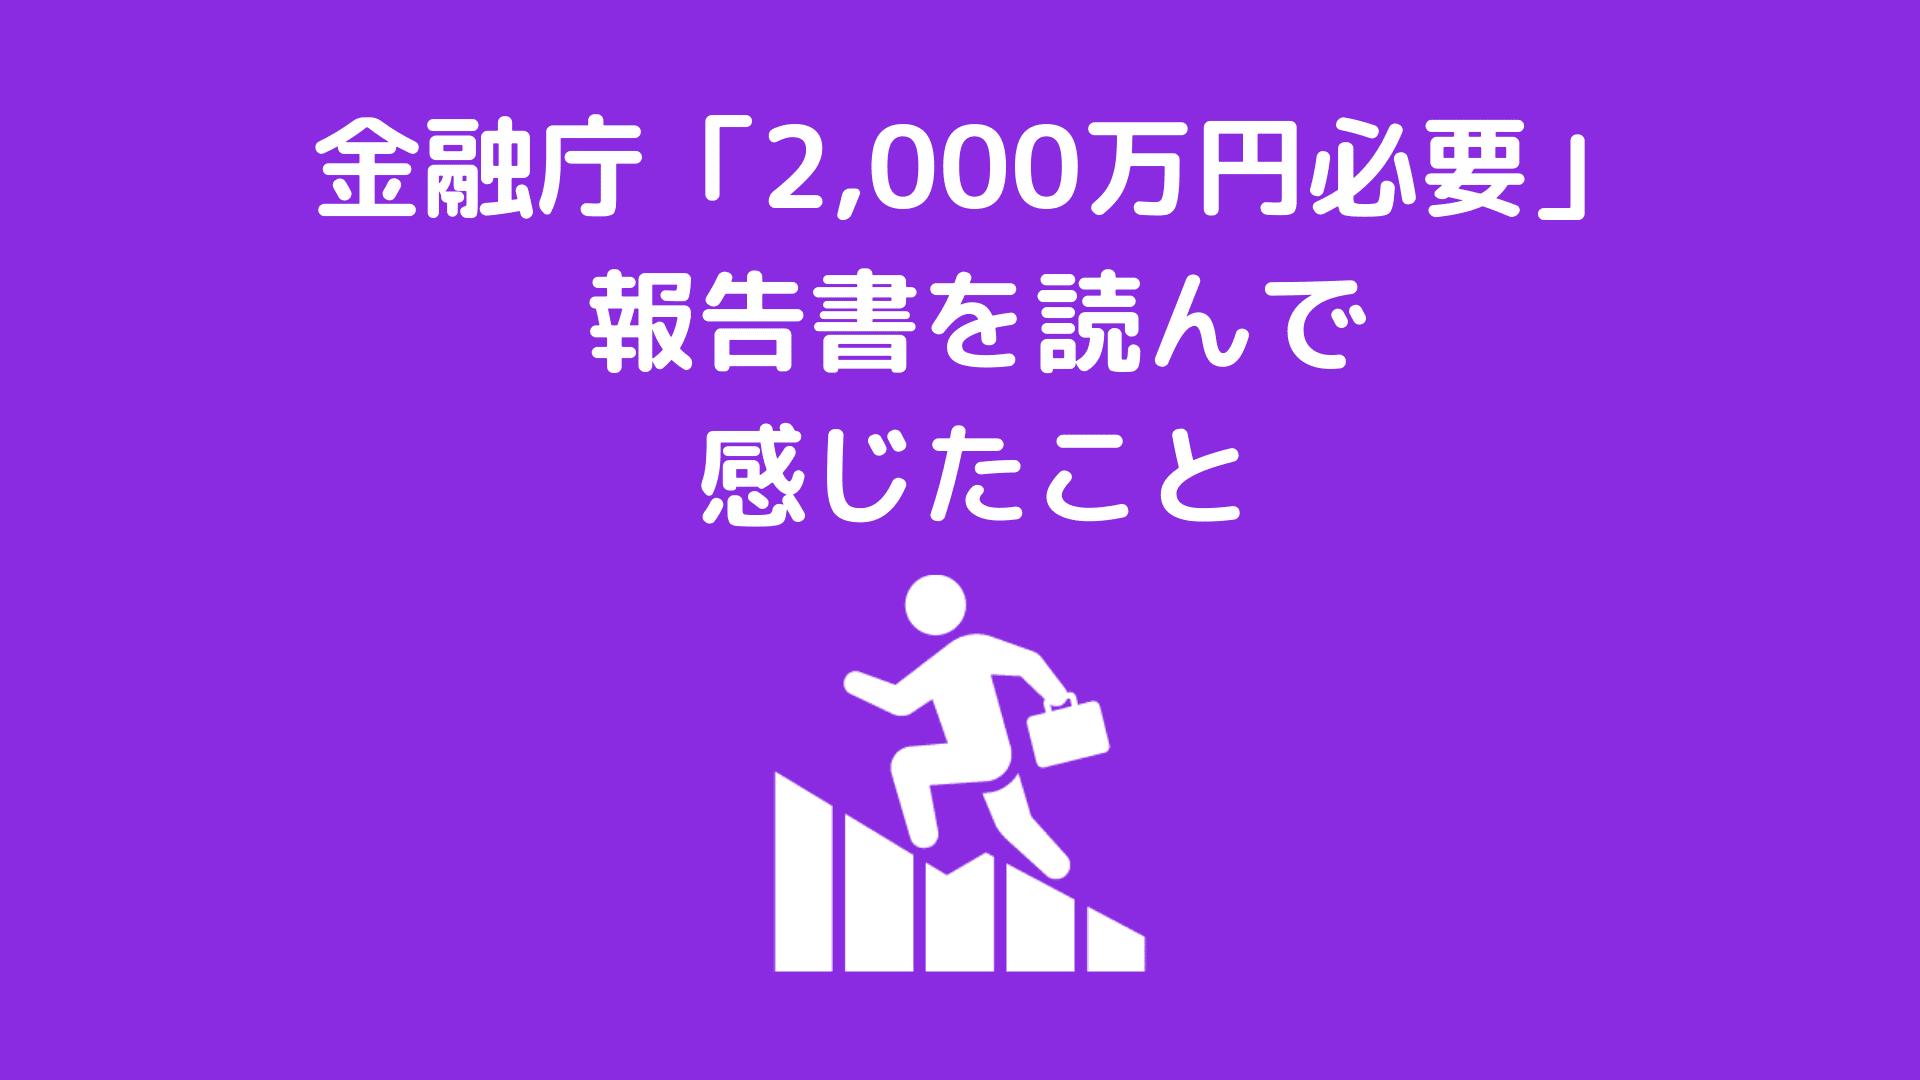 金融庁2,000万円必要報告書を読んで感じたこと